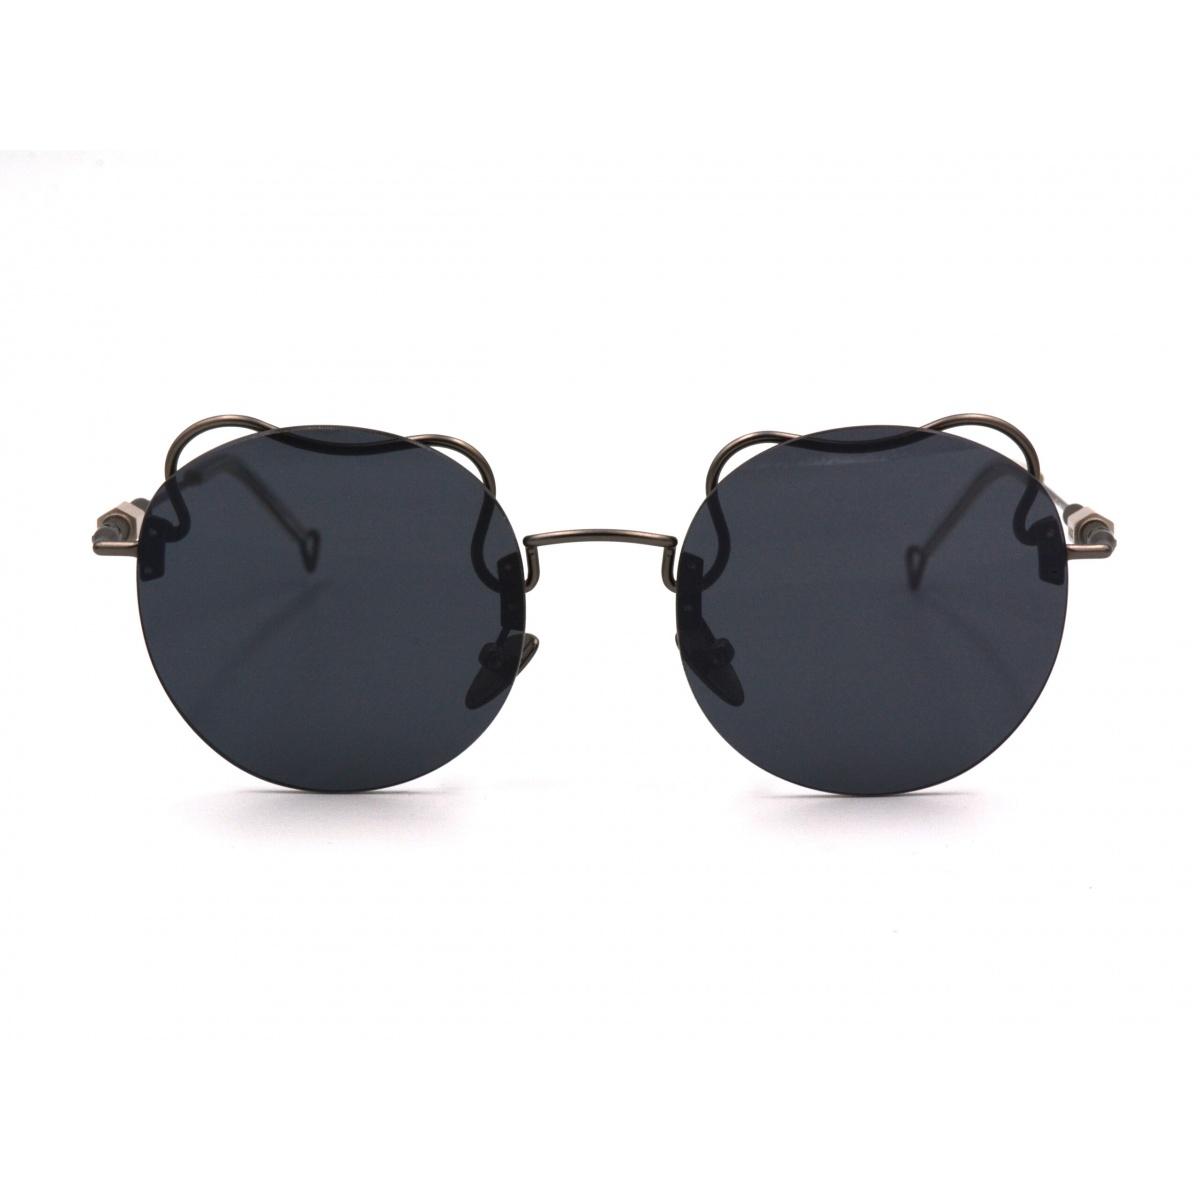 Γυαλιά ηλίου HAZE COLLECTION NEW YORK MAIDEN-1BK 51-20-145